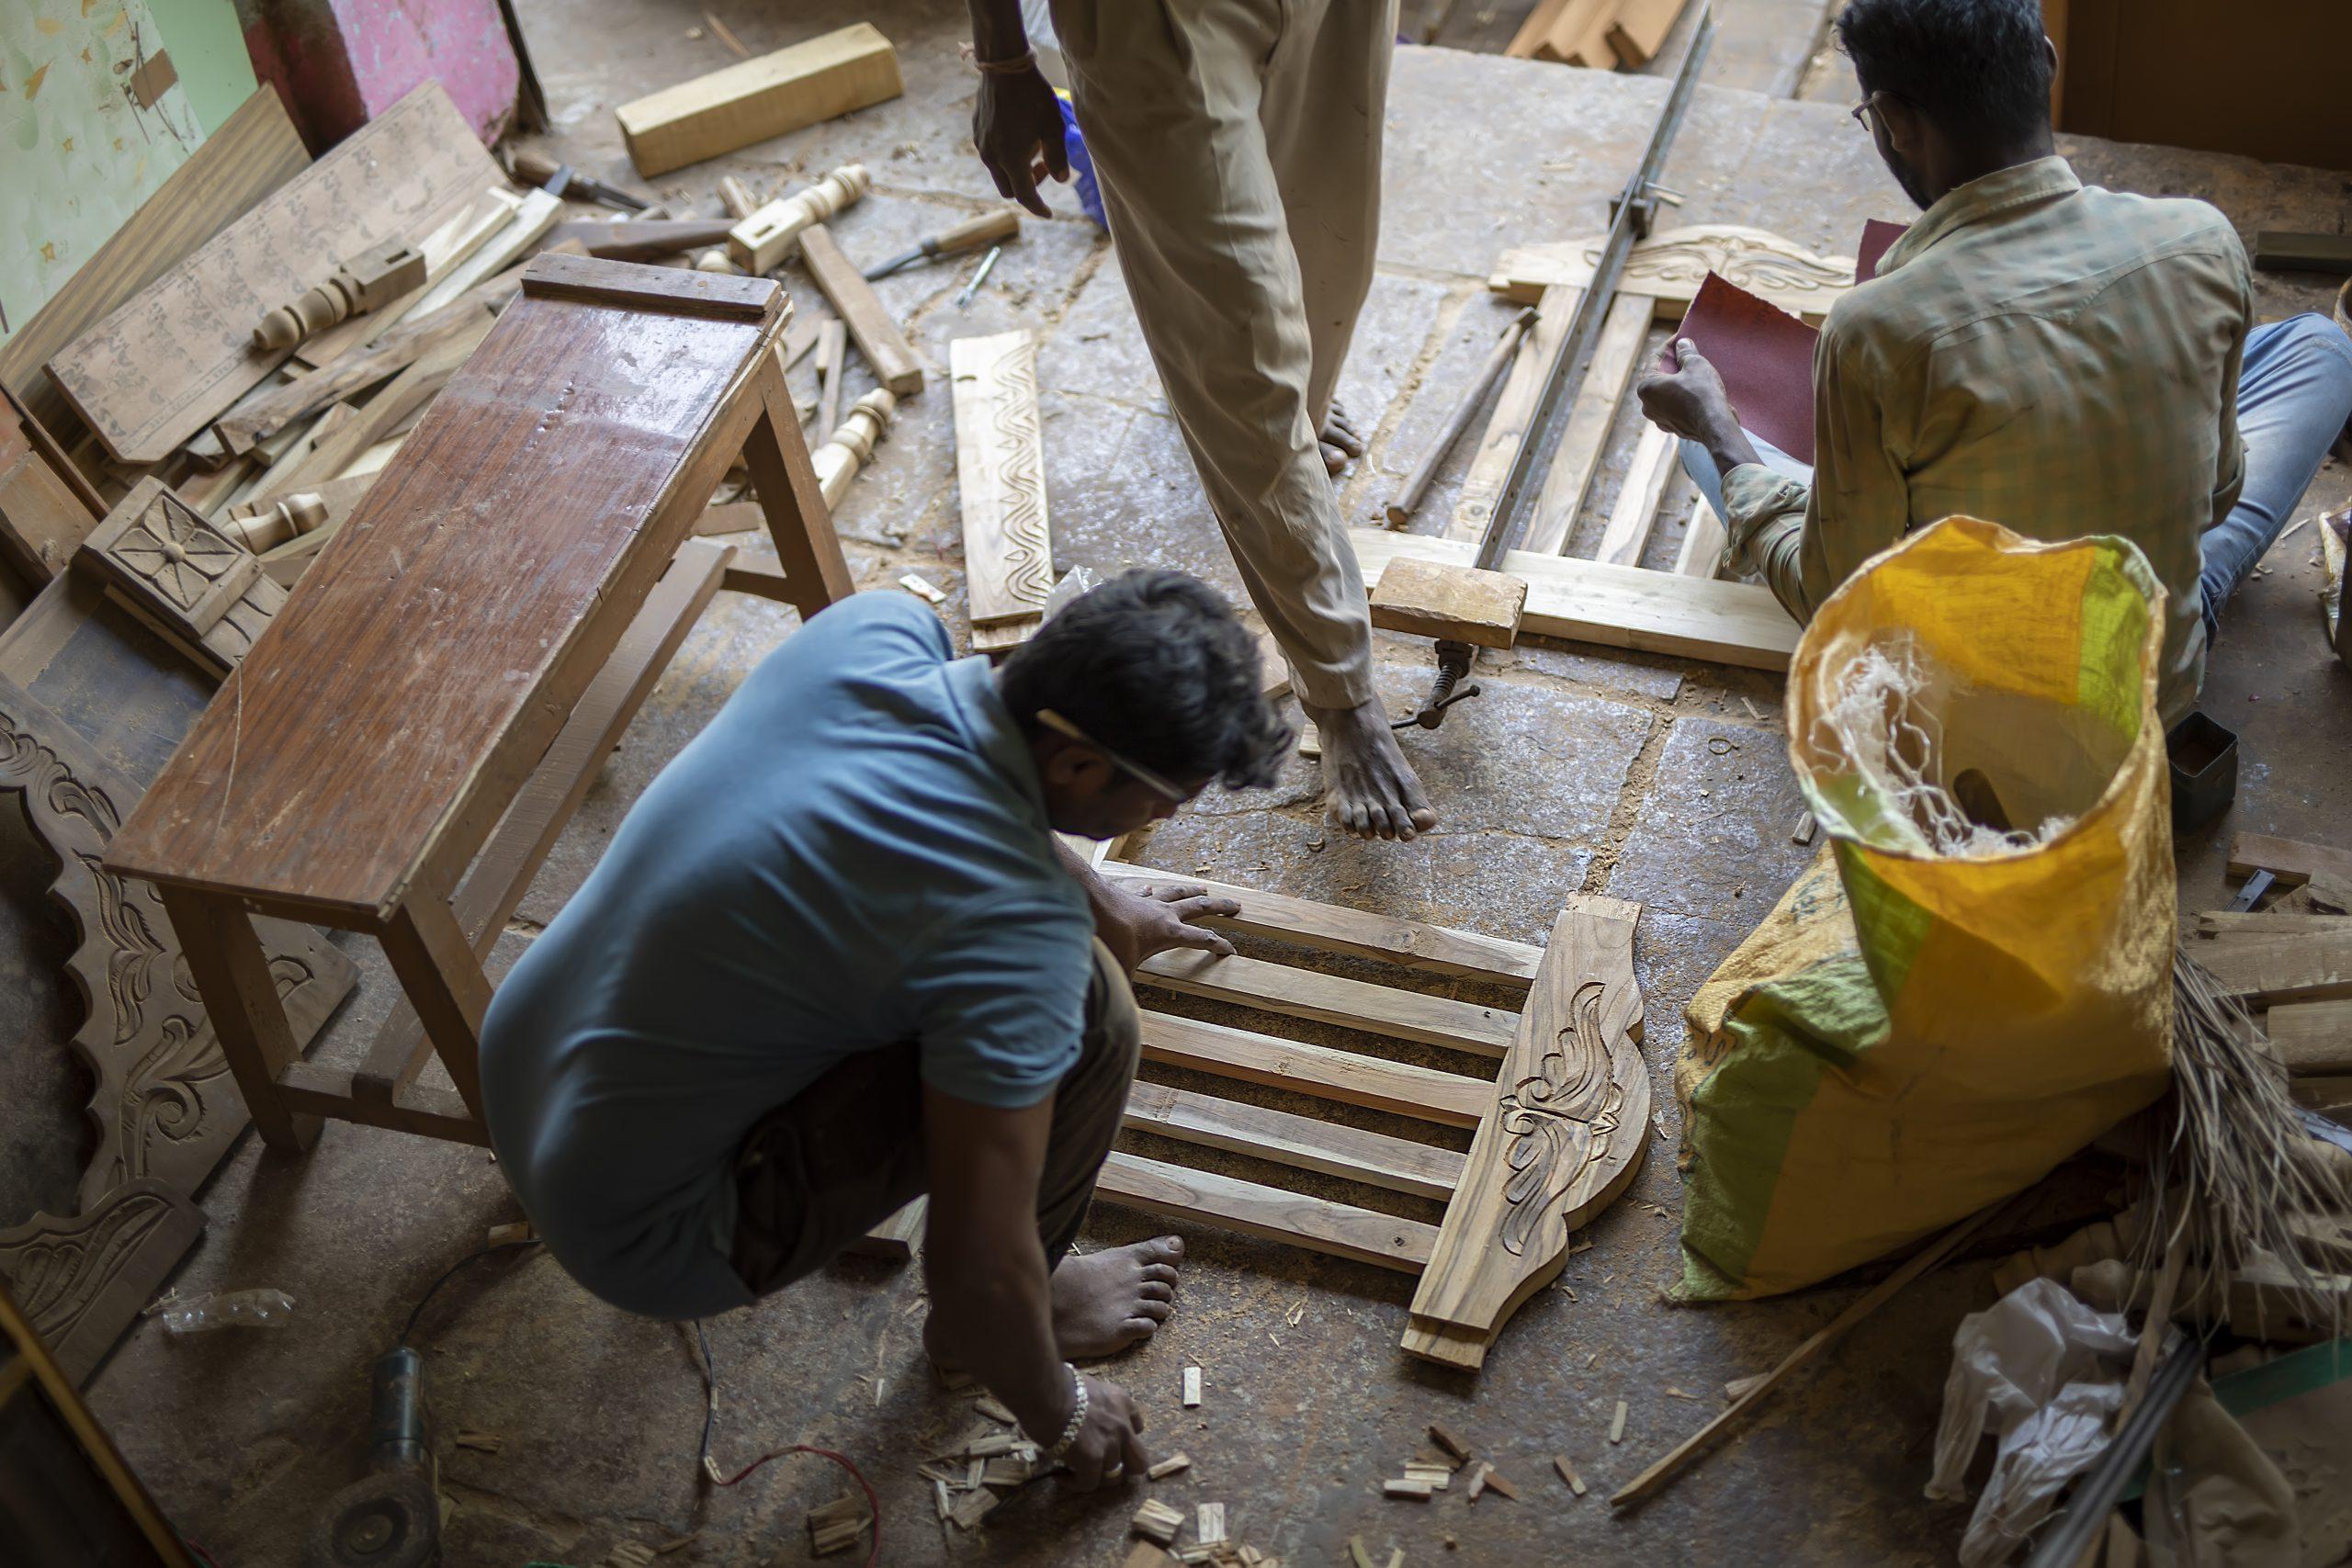 Carpenter wooden work